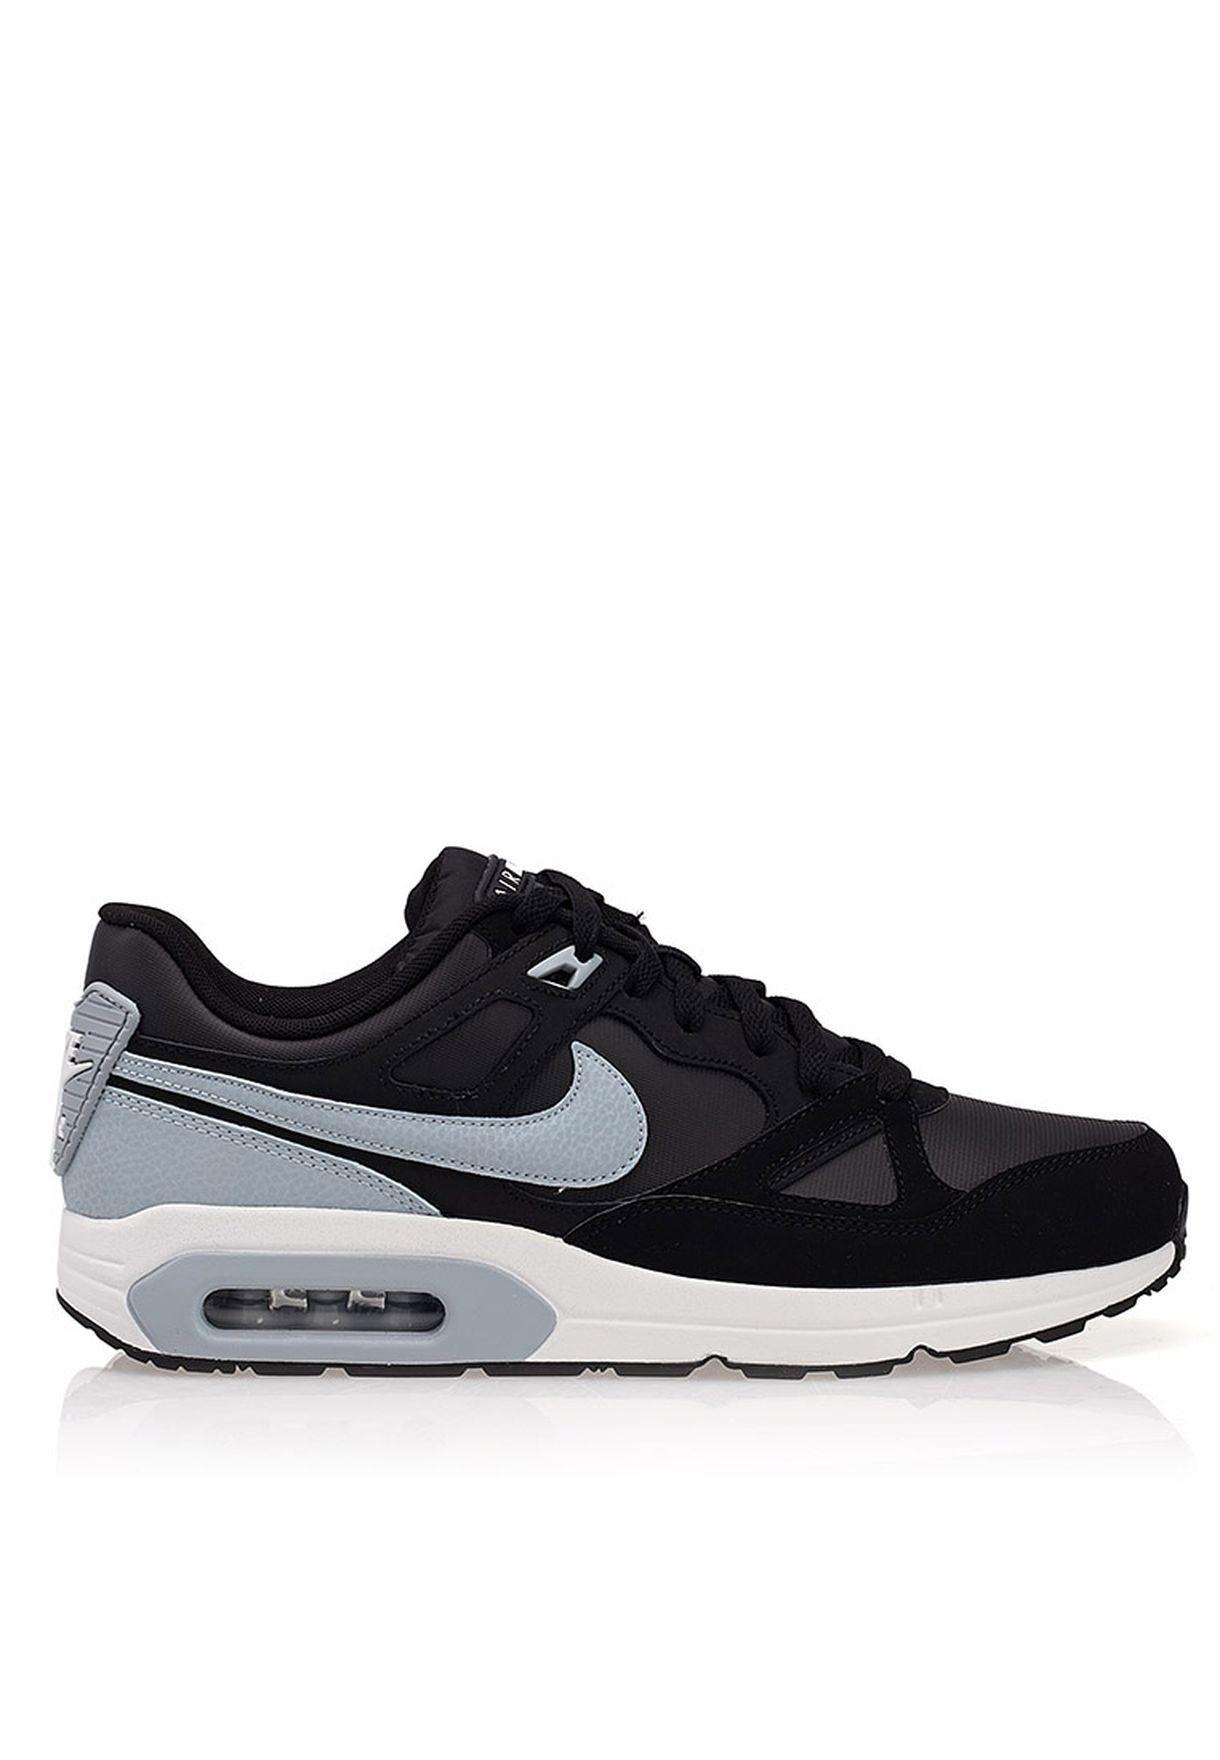 af53a5479 Shop Nike black Air Max Span Ltr 599458-009 for Men in Saudi ...